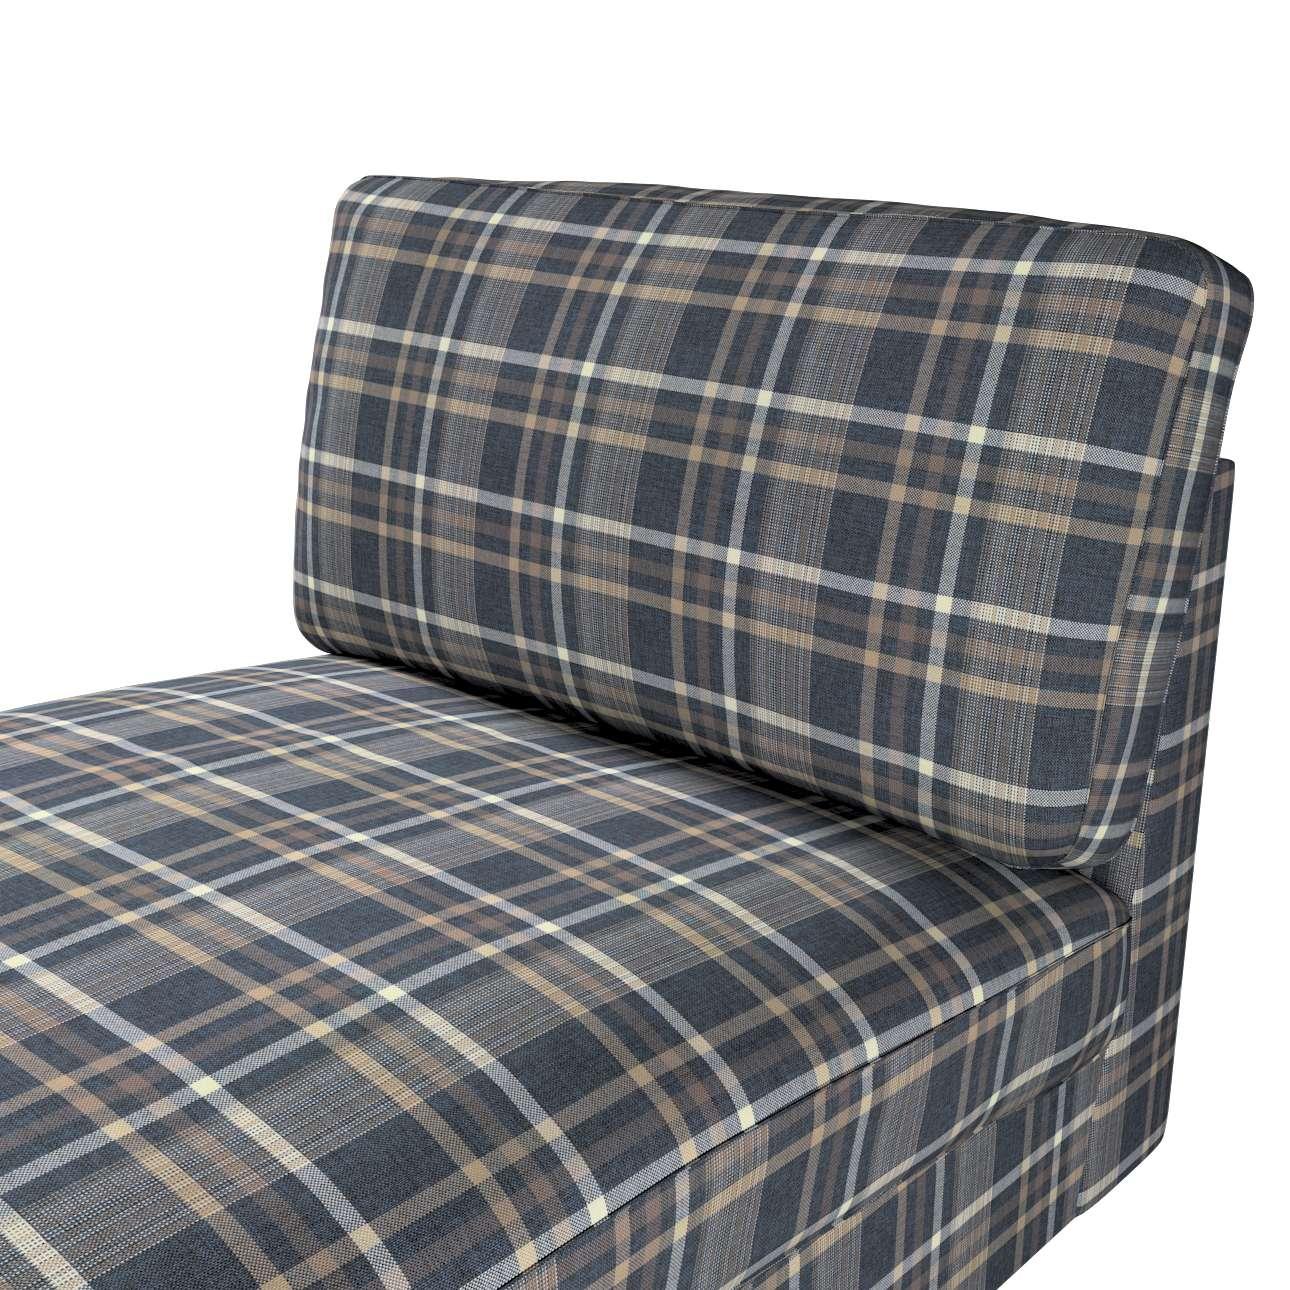 Pokrowiec na szezlong Kivik w kolekcji Edinburgh, tkanina: 703-16